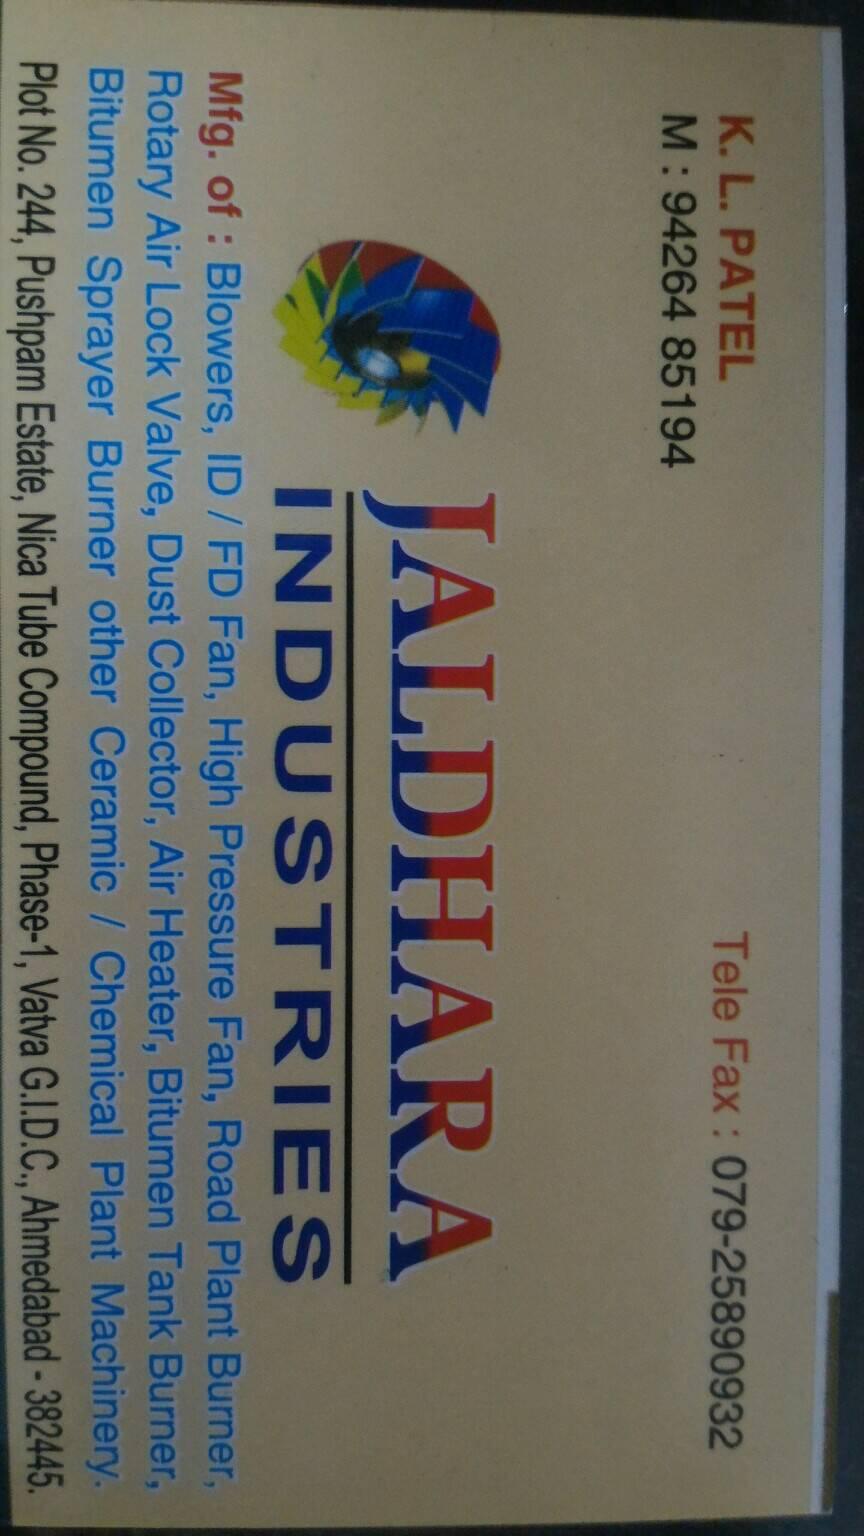 Jaldhara Industries